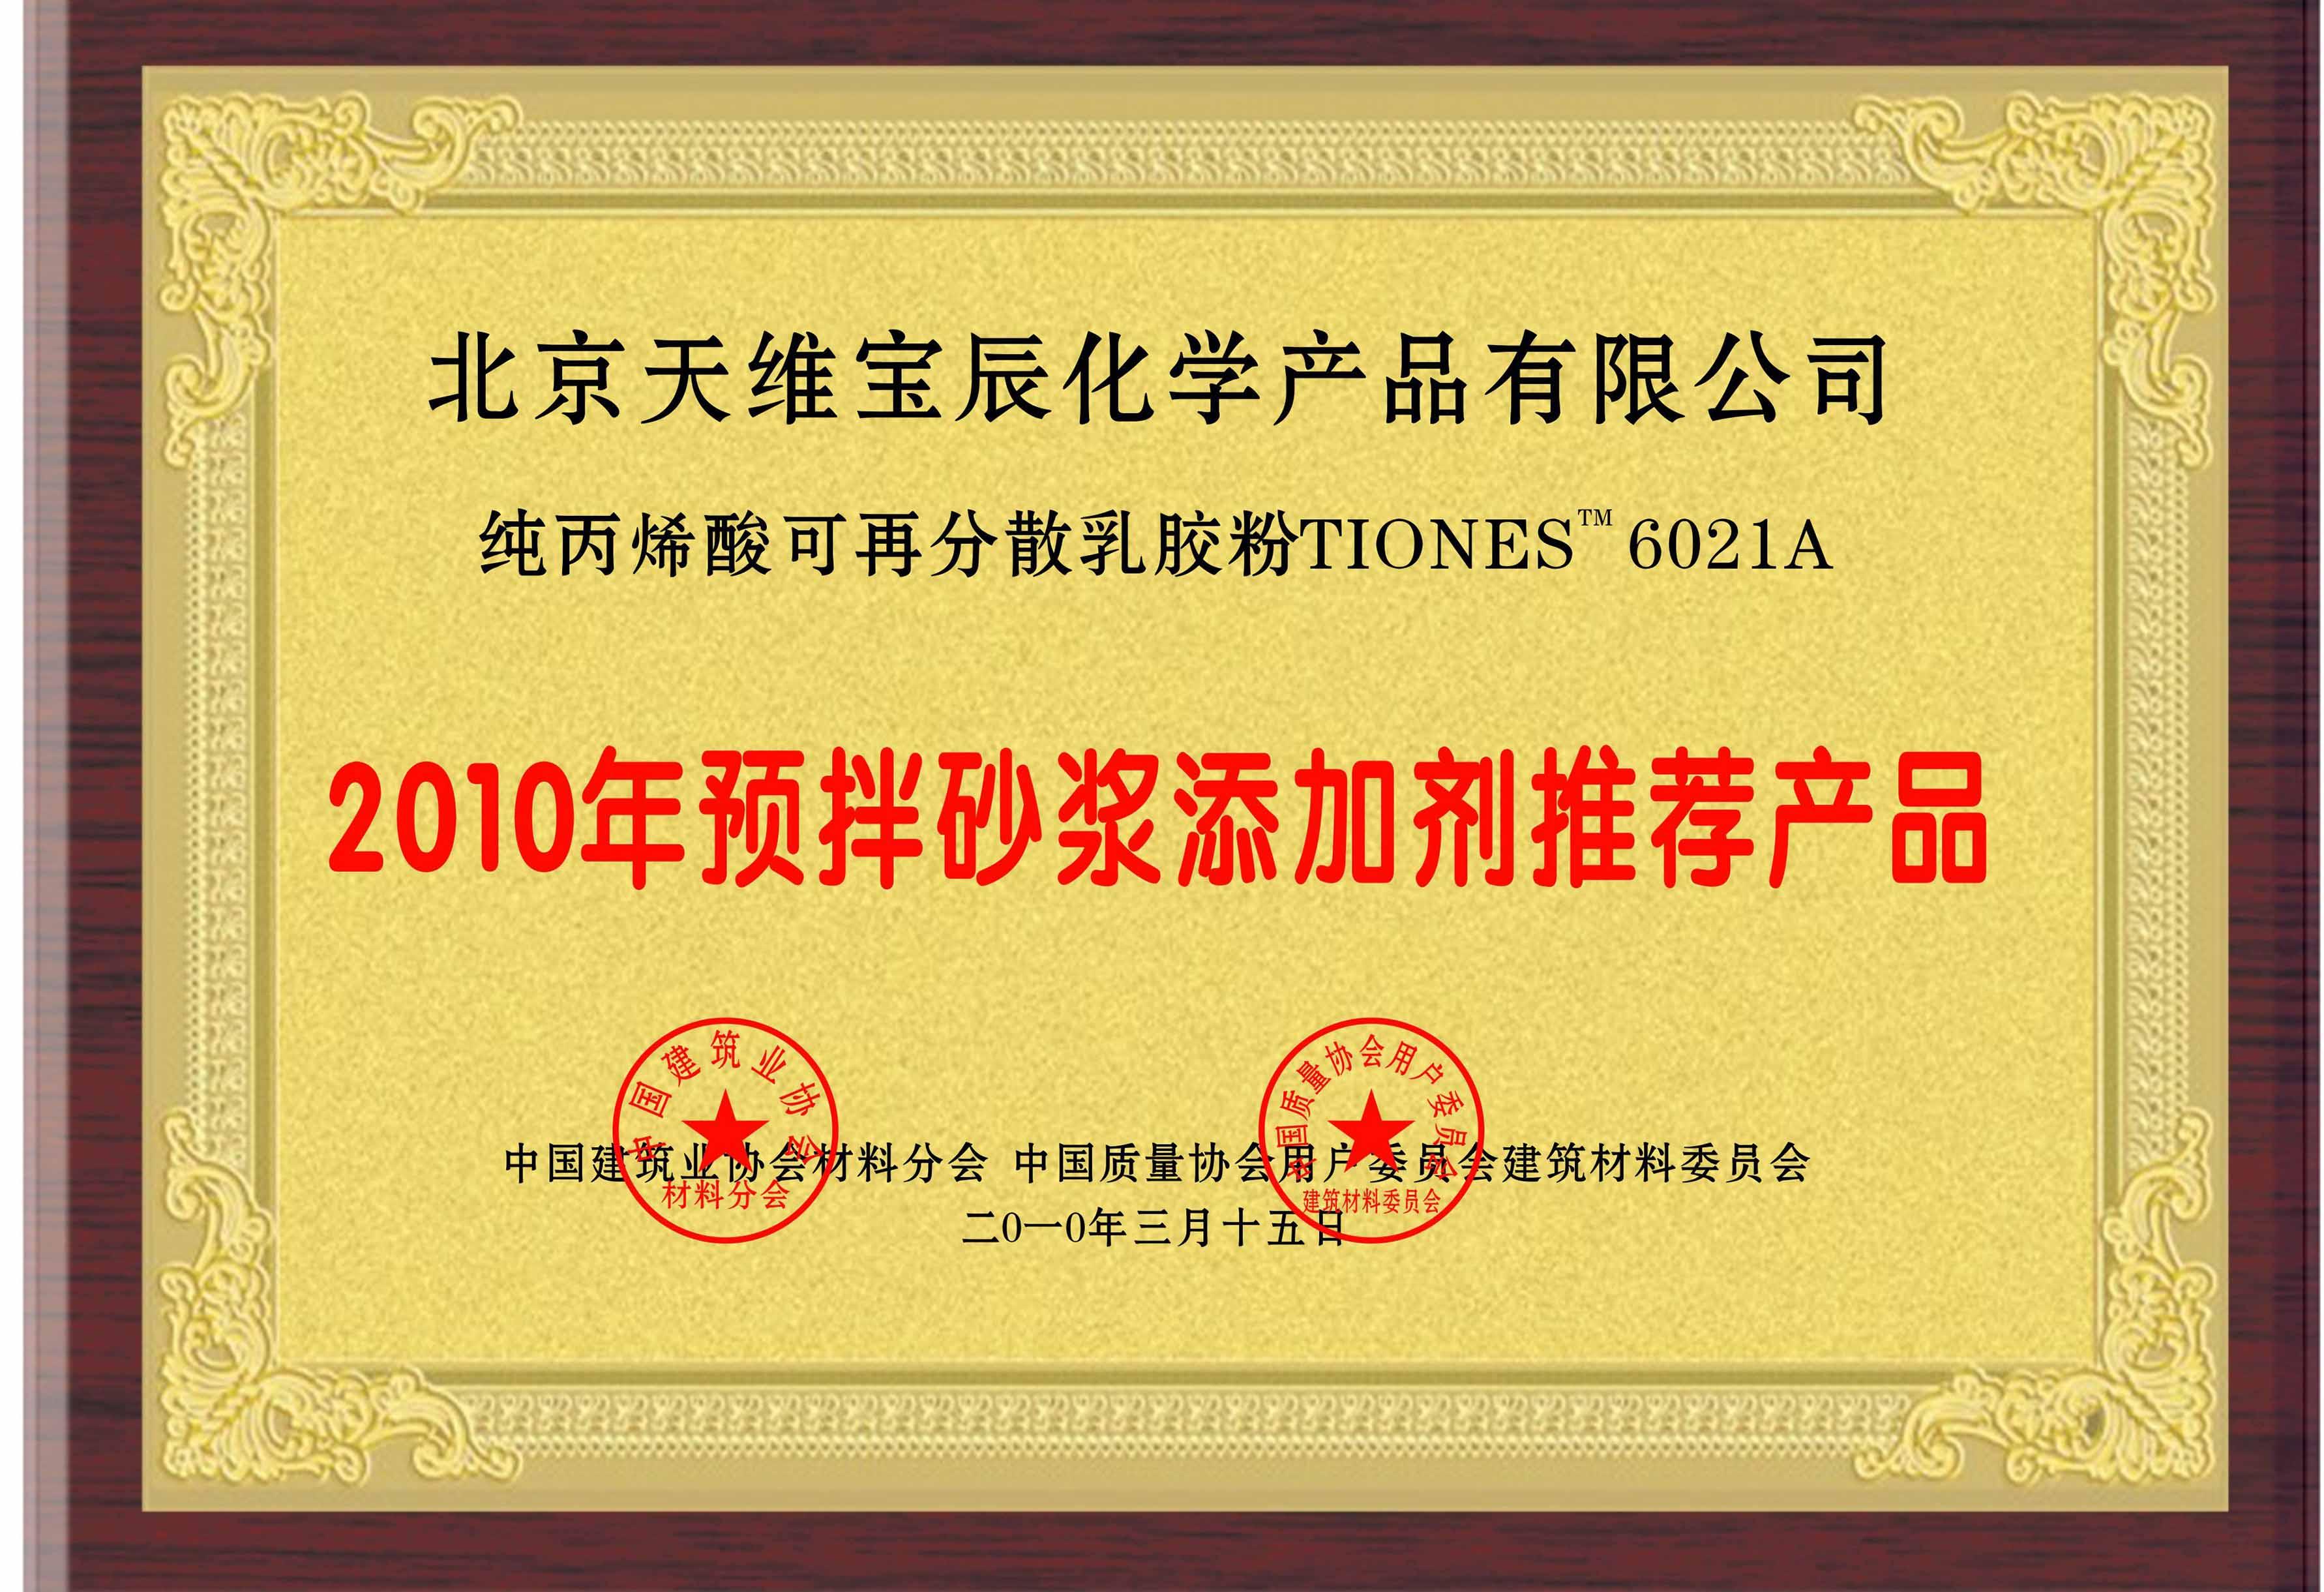 2010年预拌砂浆添加剂推荐产品荣誉证书